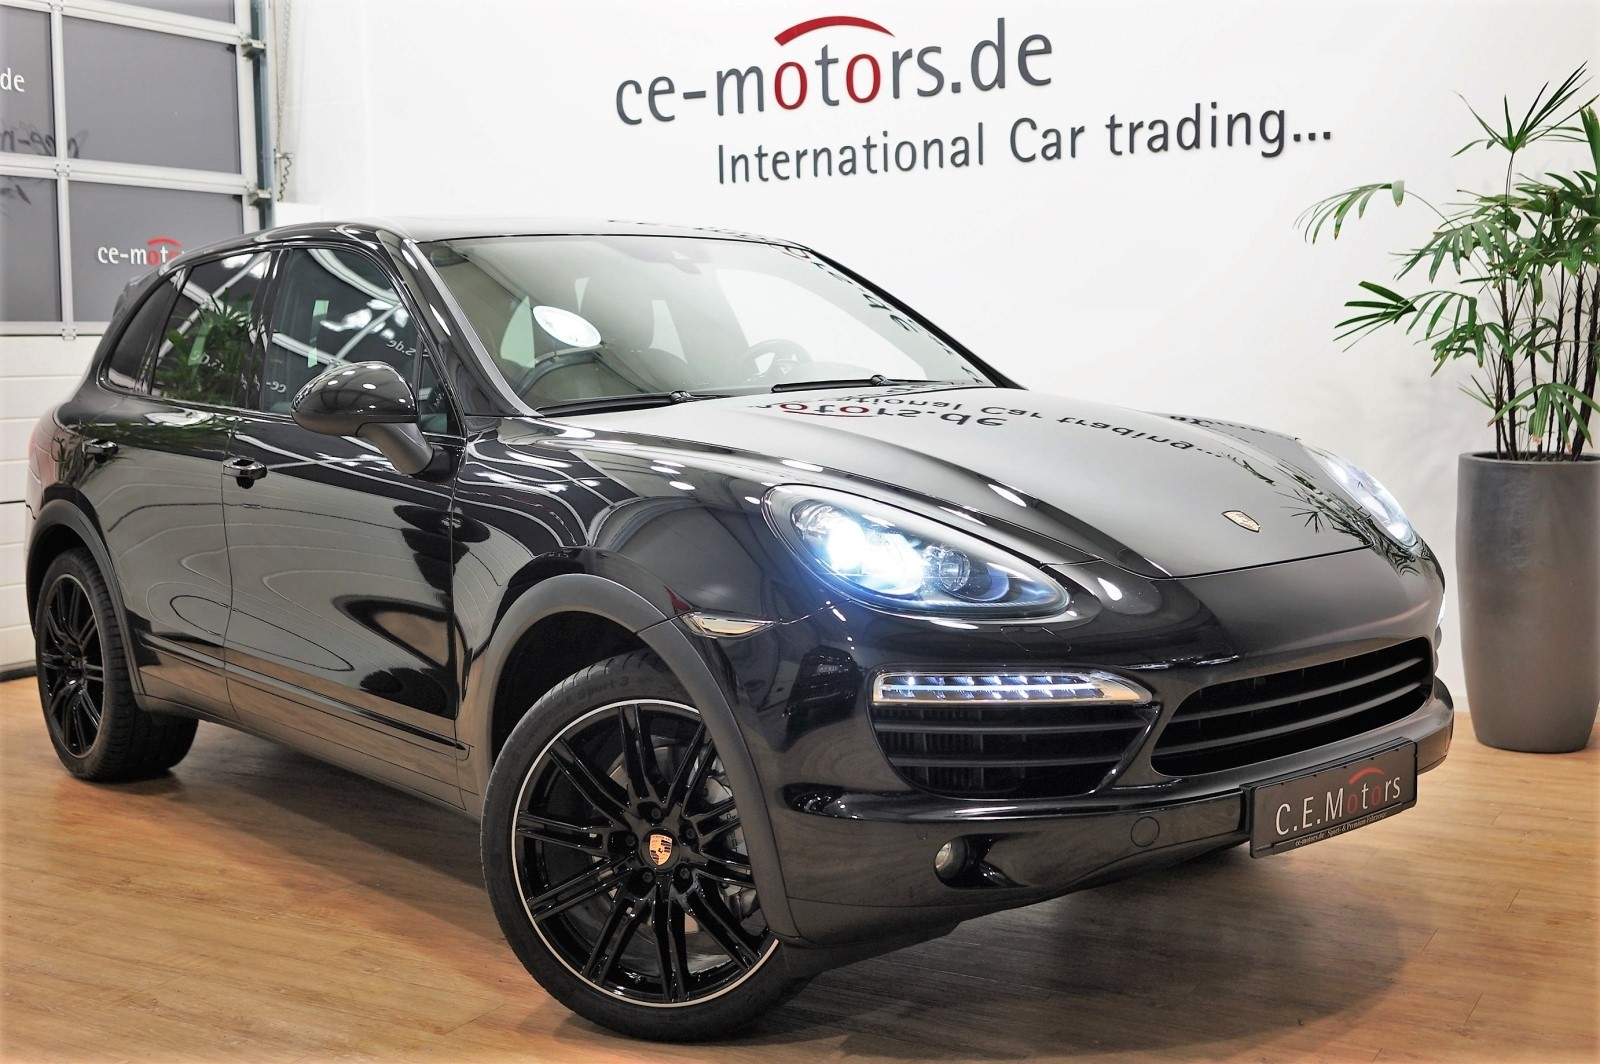 Porsche Cayenne S Diesel Panor.*Luftf.*Standheiz.*, Jahr 2013, Diesel